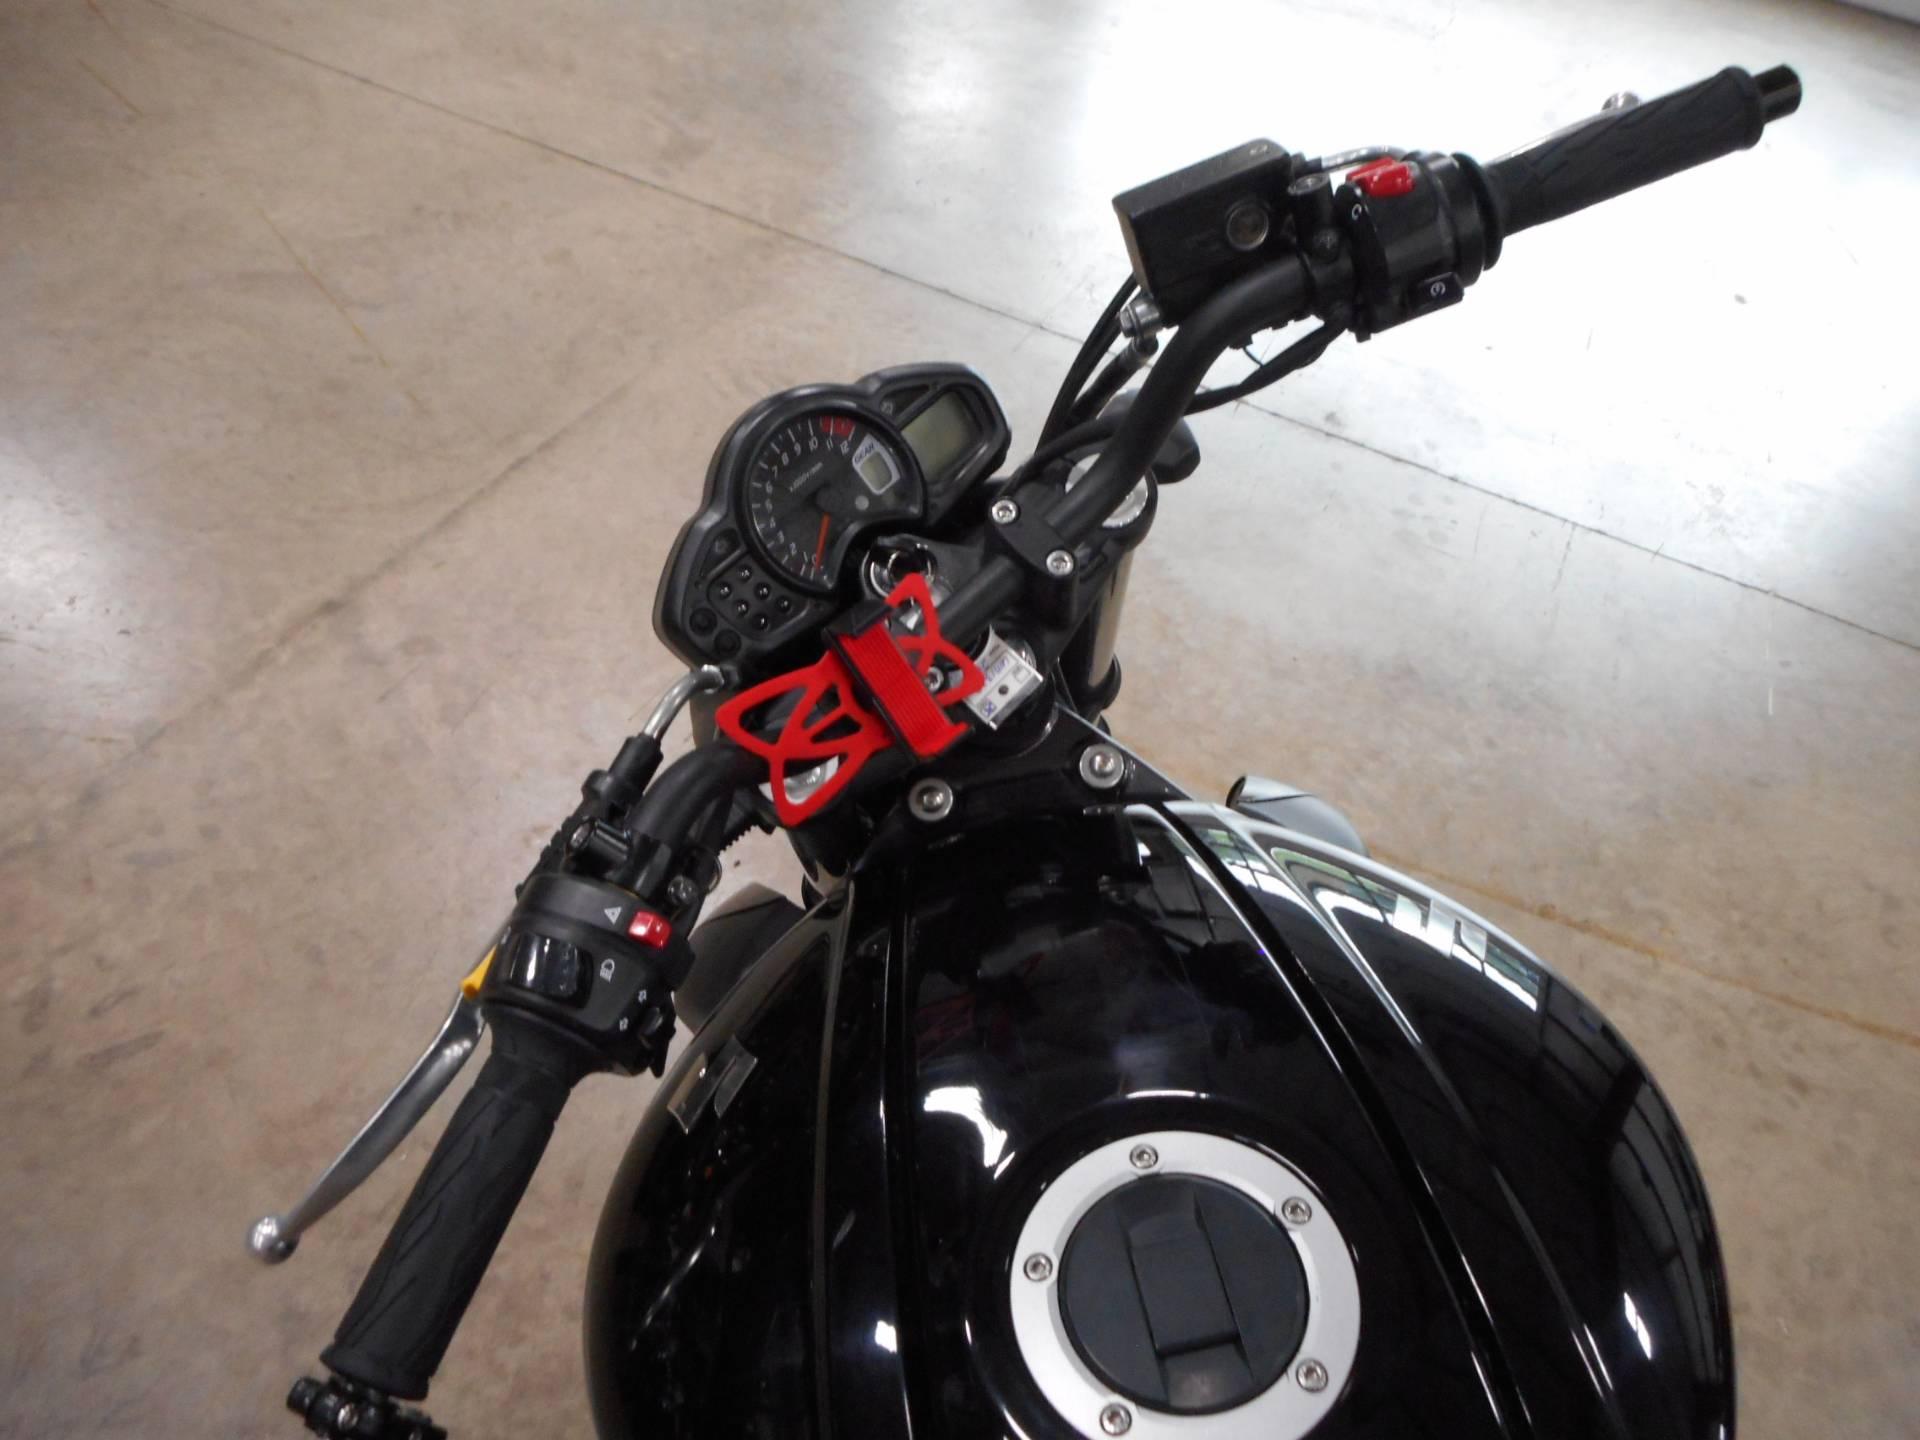 2009 Suzuki Gladius 8